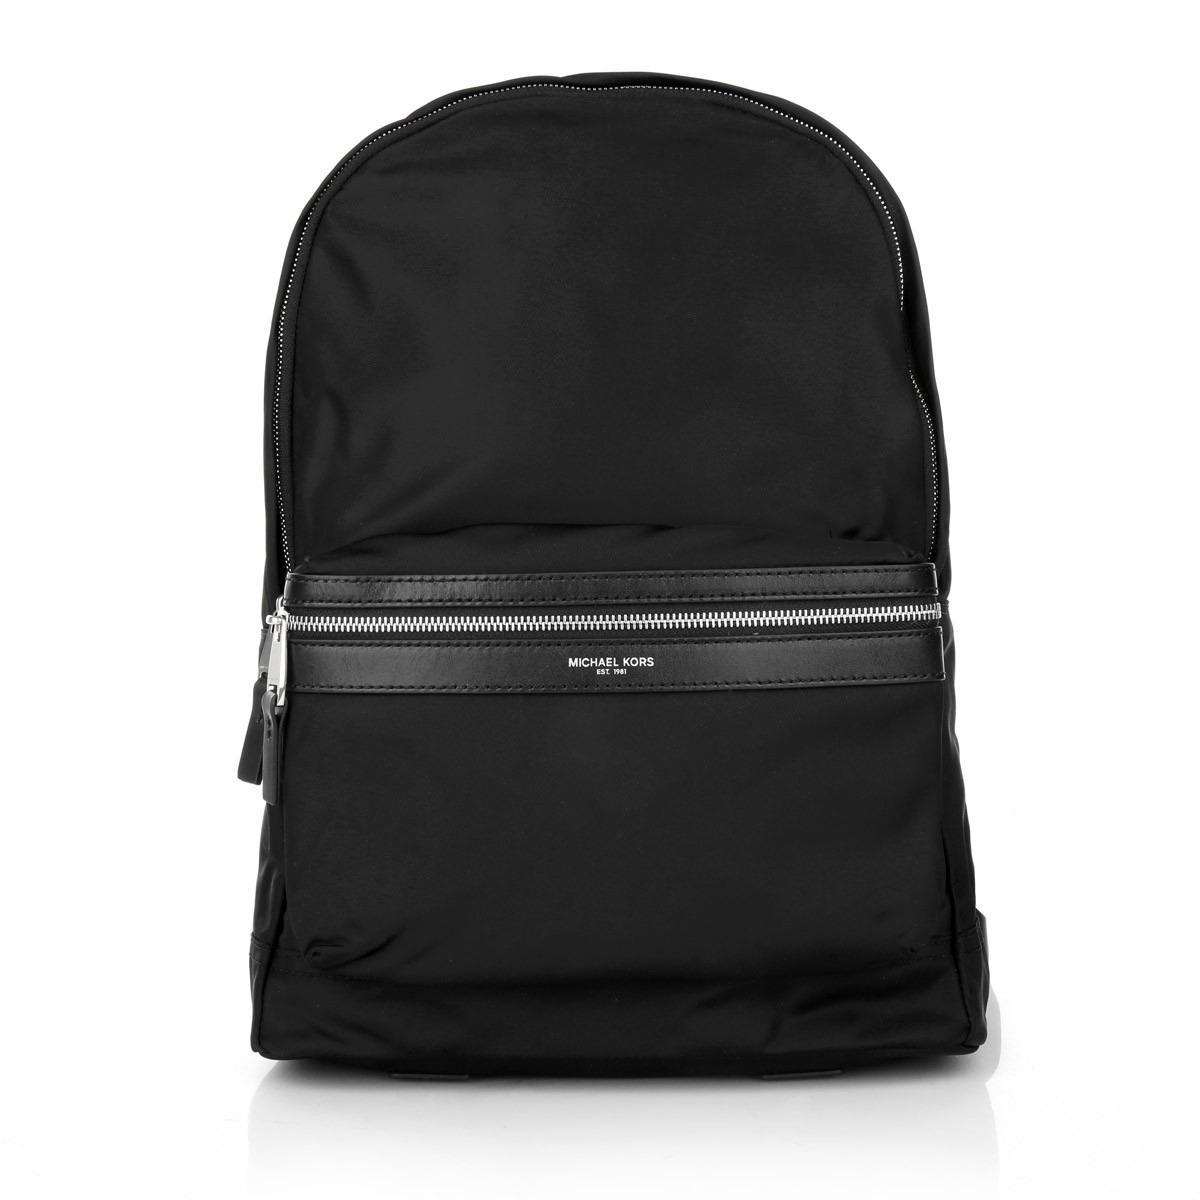 8fefd8807 michael kors mochila original nueva backpack kent hombre. Cargando zoom.